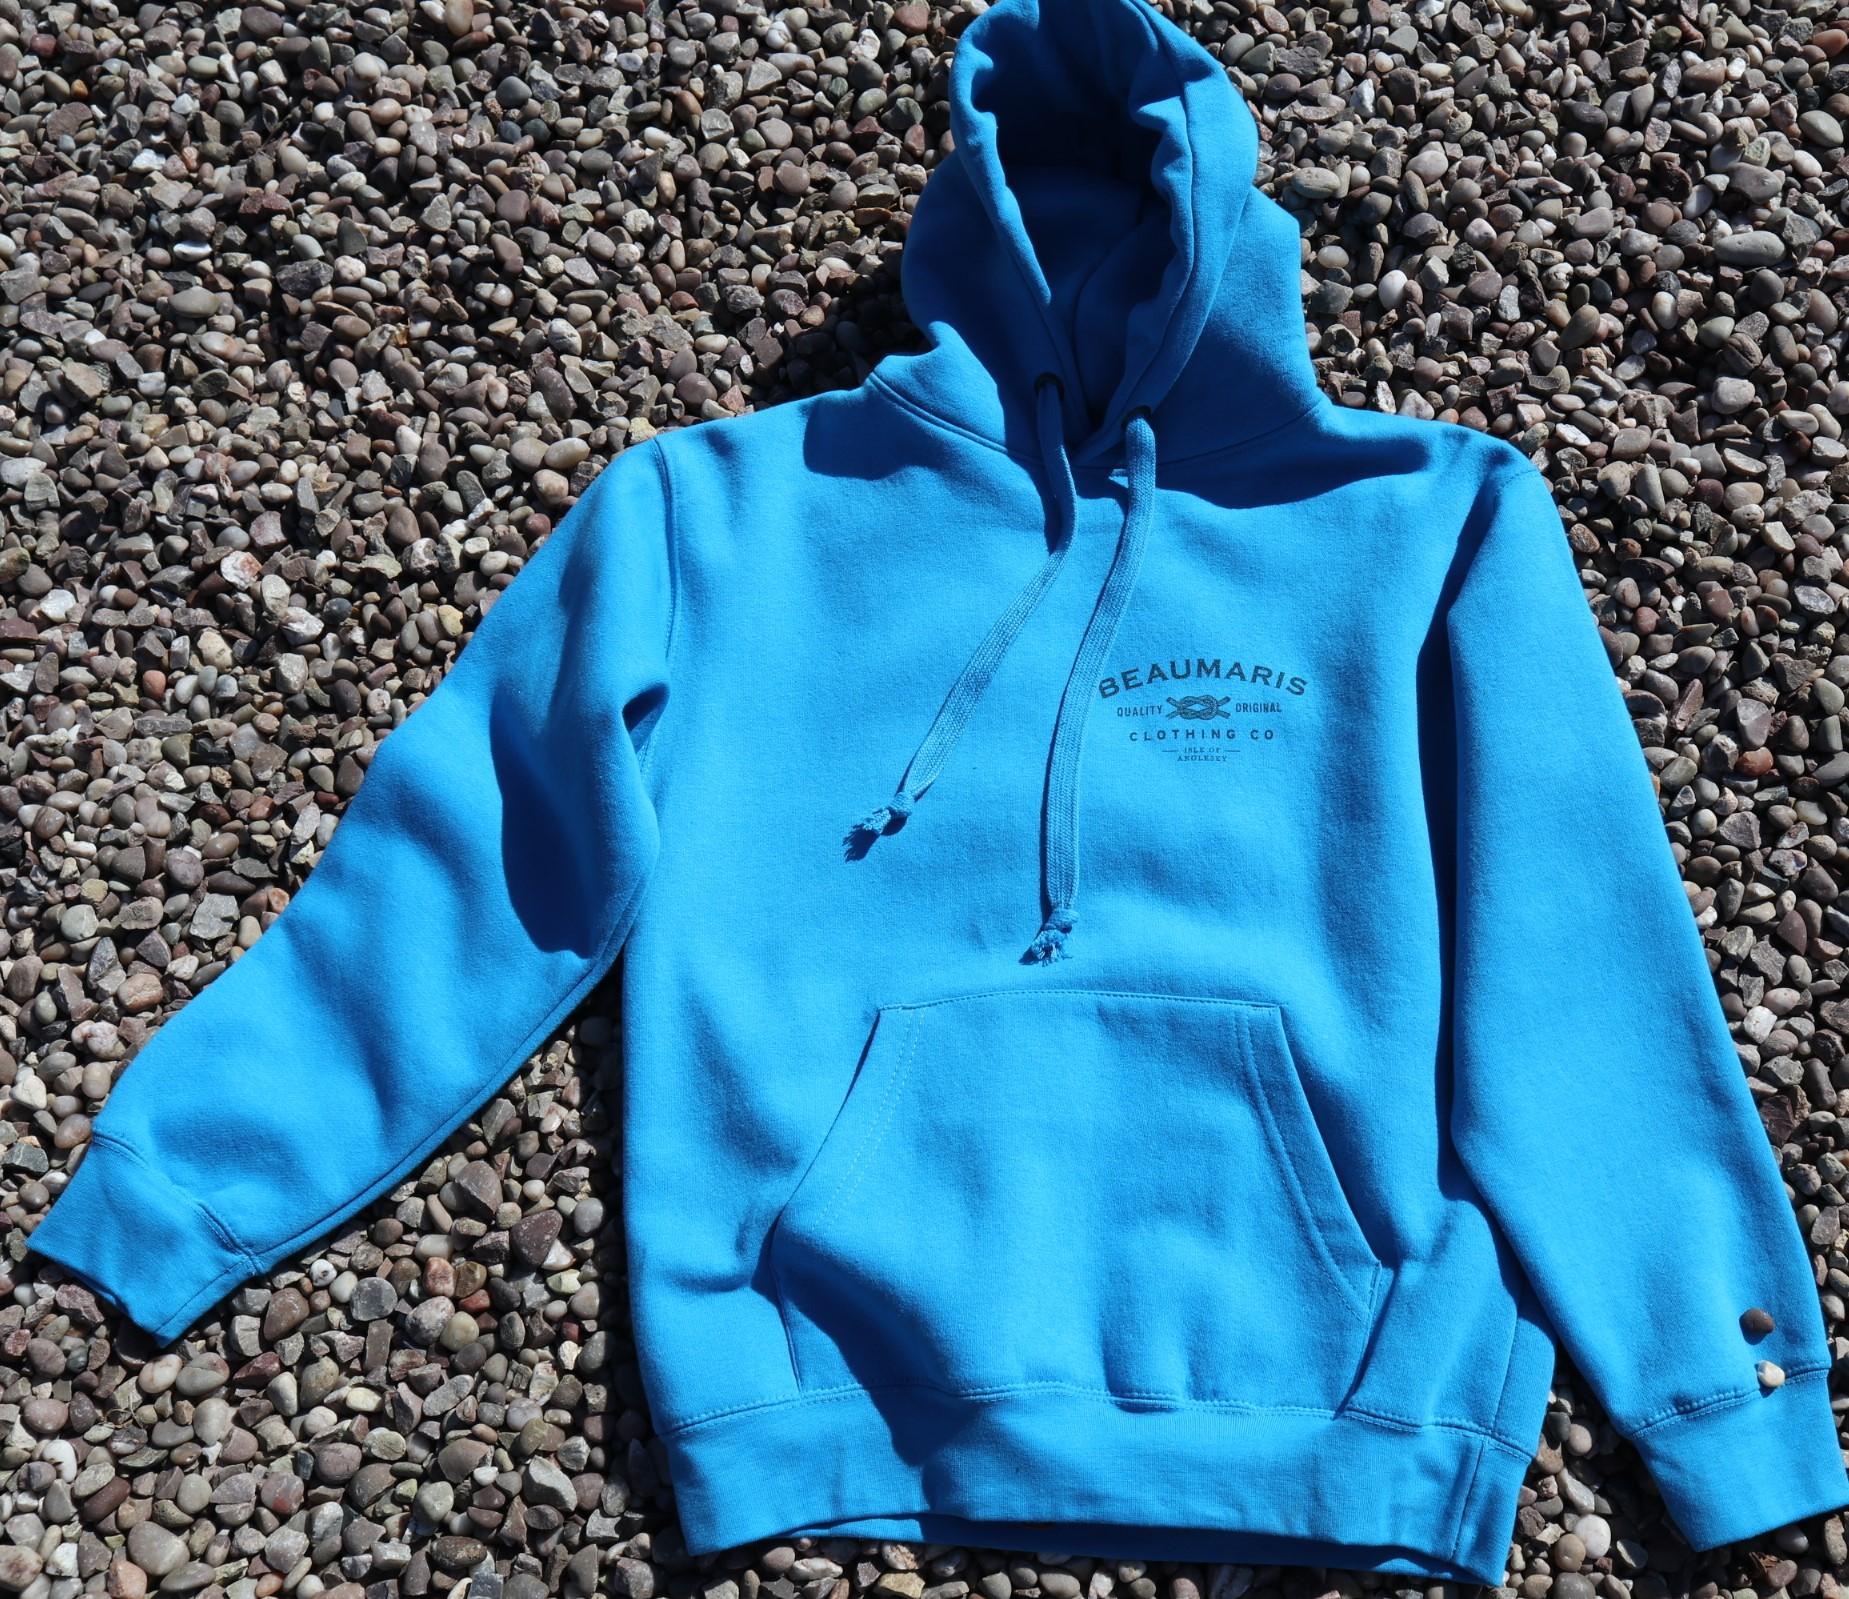 Beaumaris clothing company hoody blue